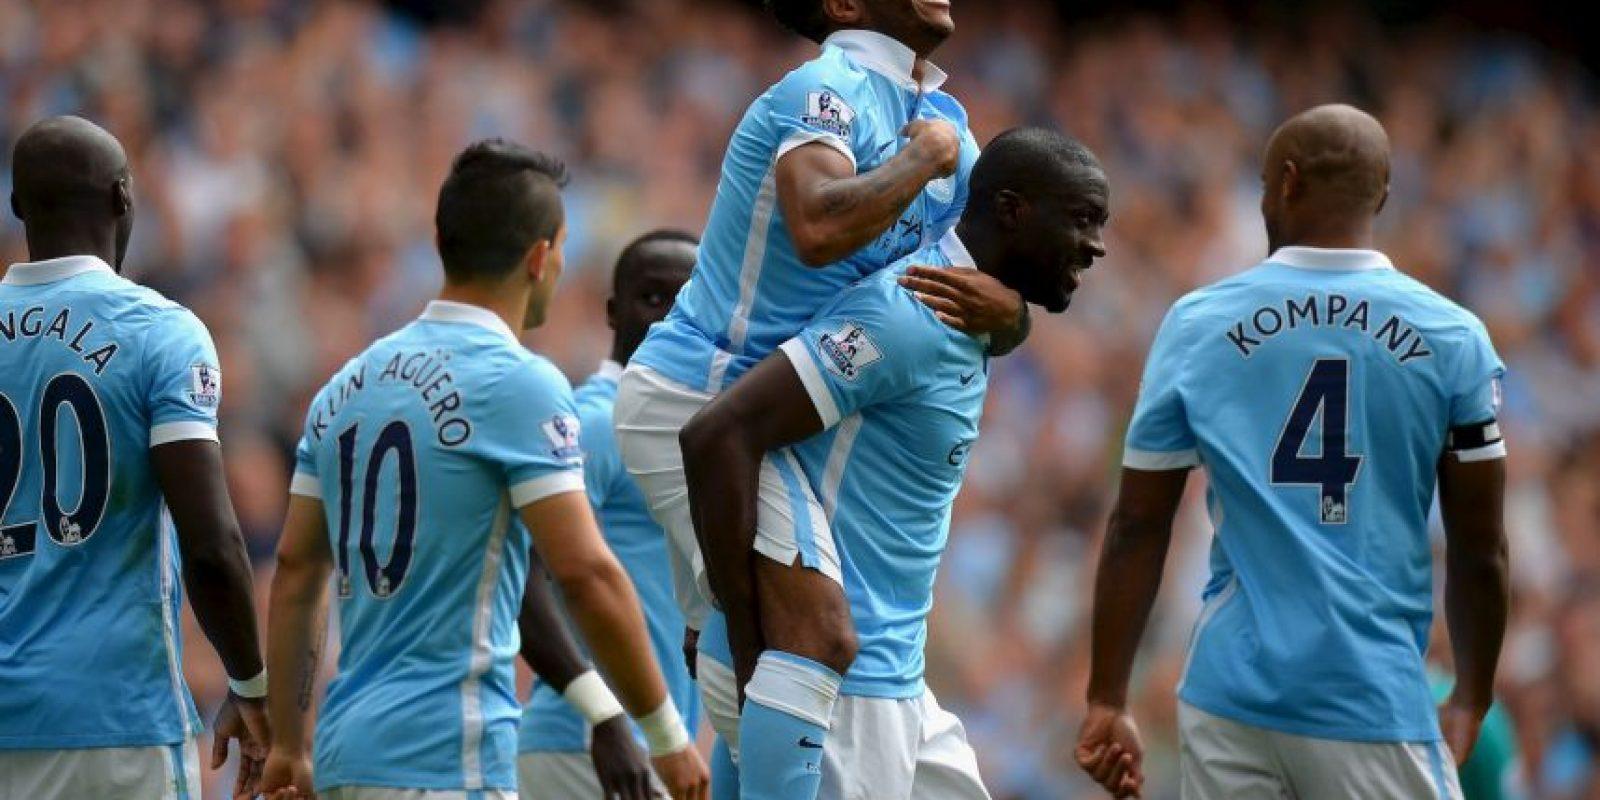 3. La Premier League inglesa cuenta con un promedio de 26.4 años Foto:Getty Images